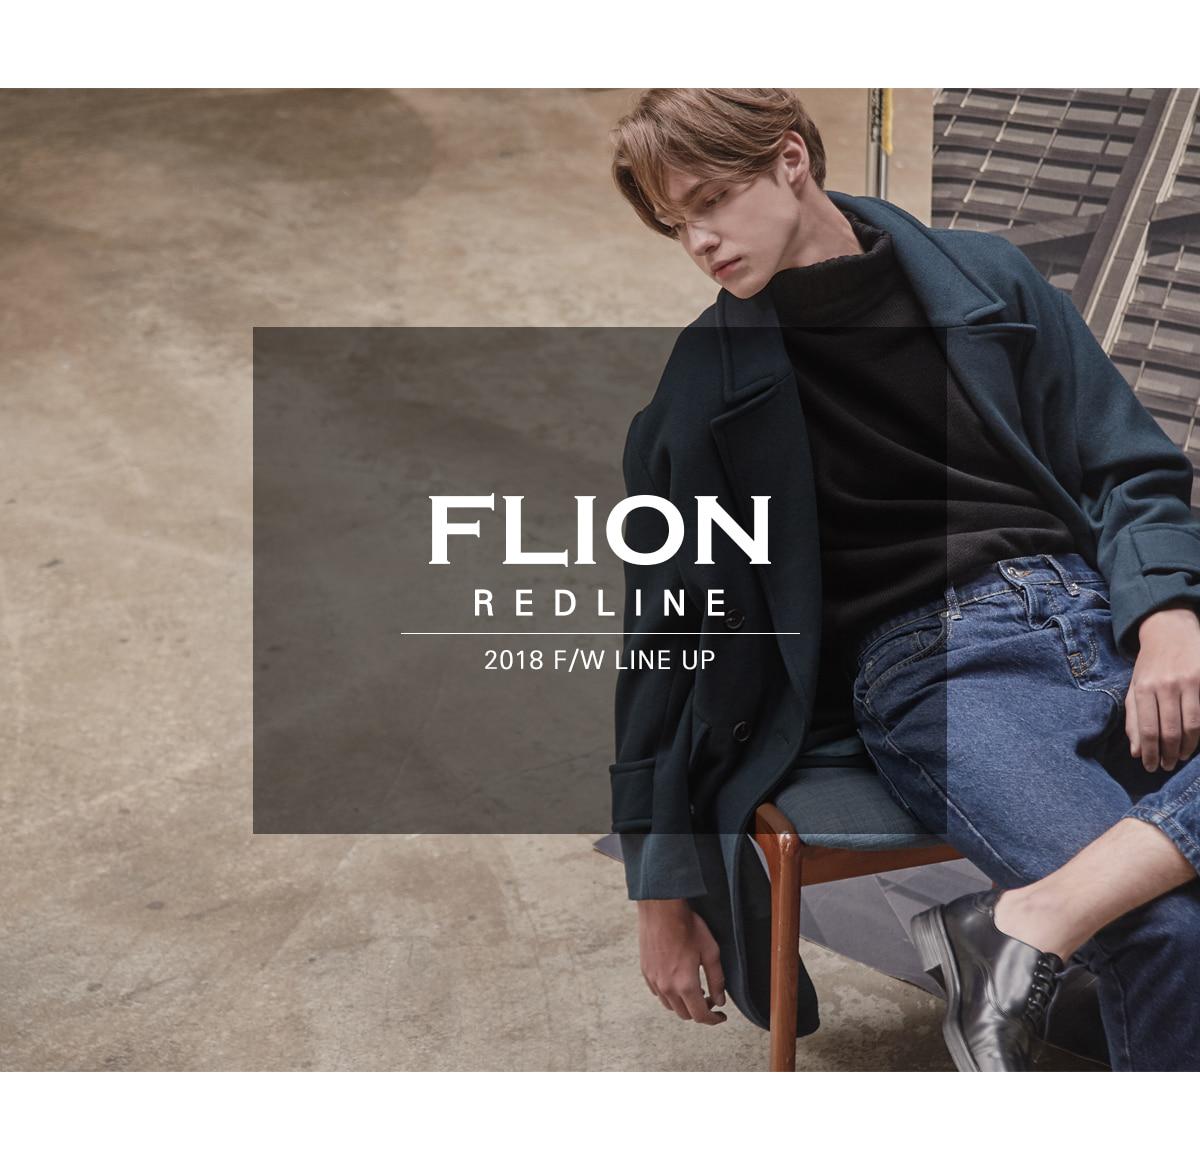 플리온(FLION) 레드라인 체스터 더블 롱 코트 - 브라운